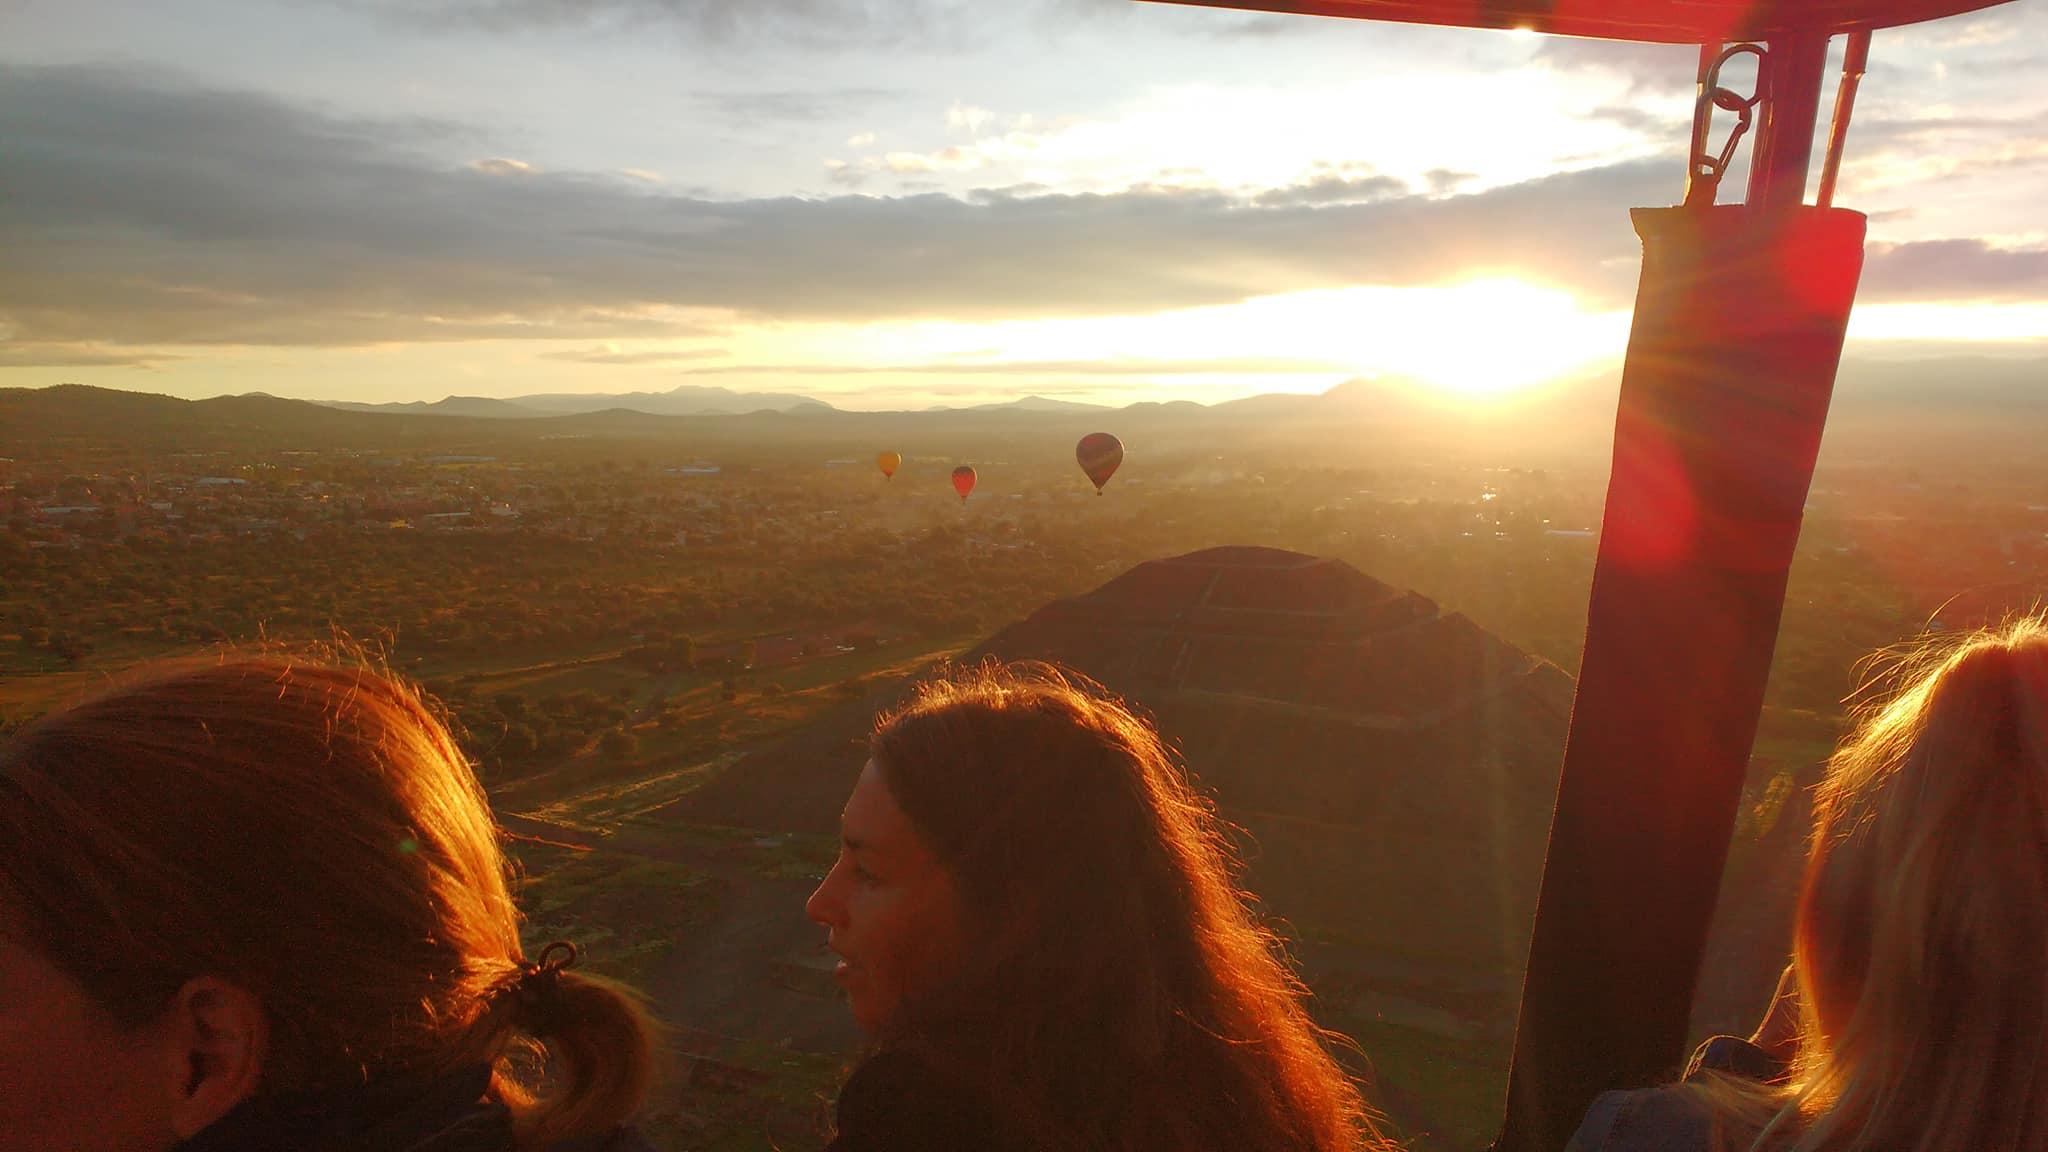 globos aerostaticos en teotihuacan costos